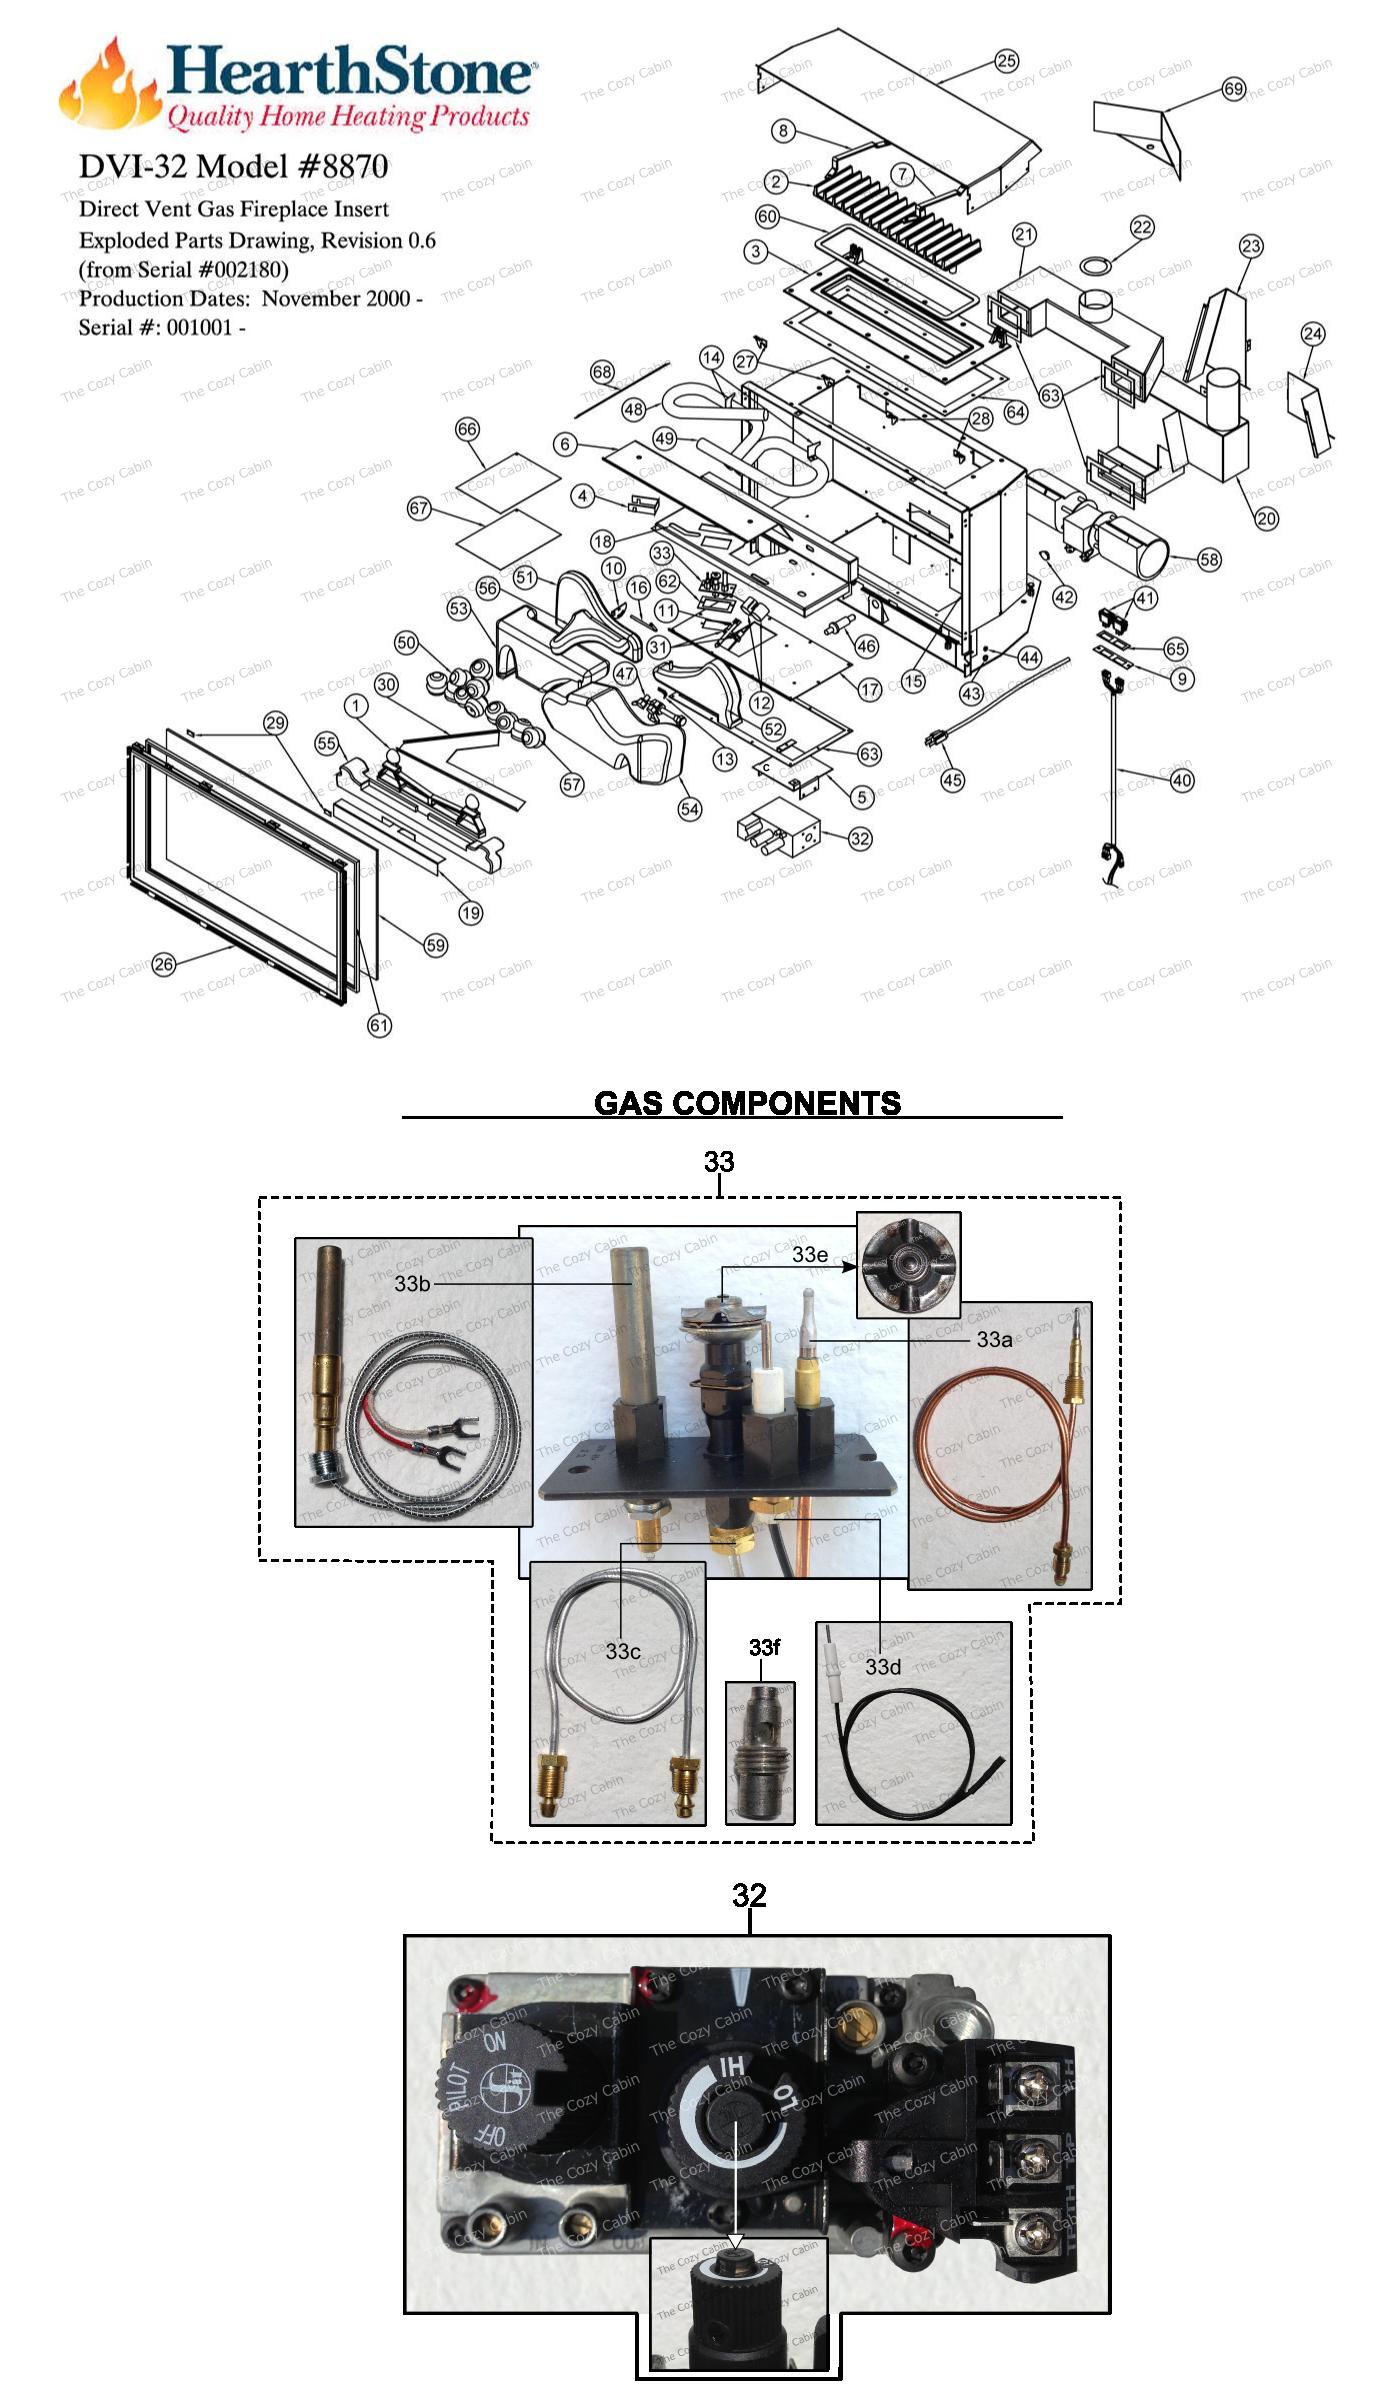 DVI-32 Model 8870 Parts  #8870